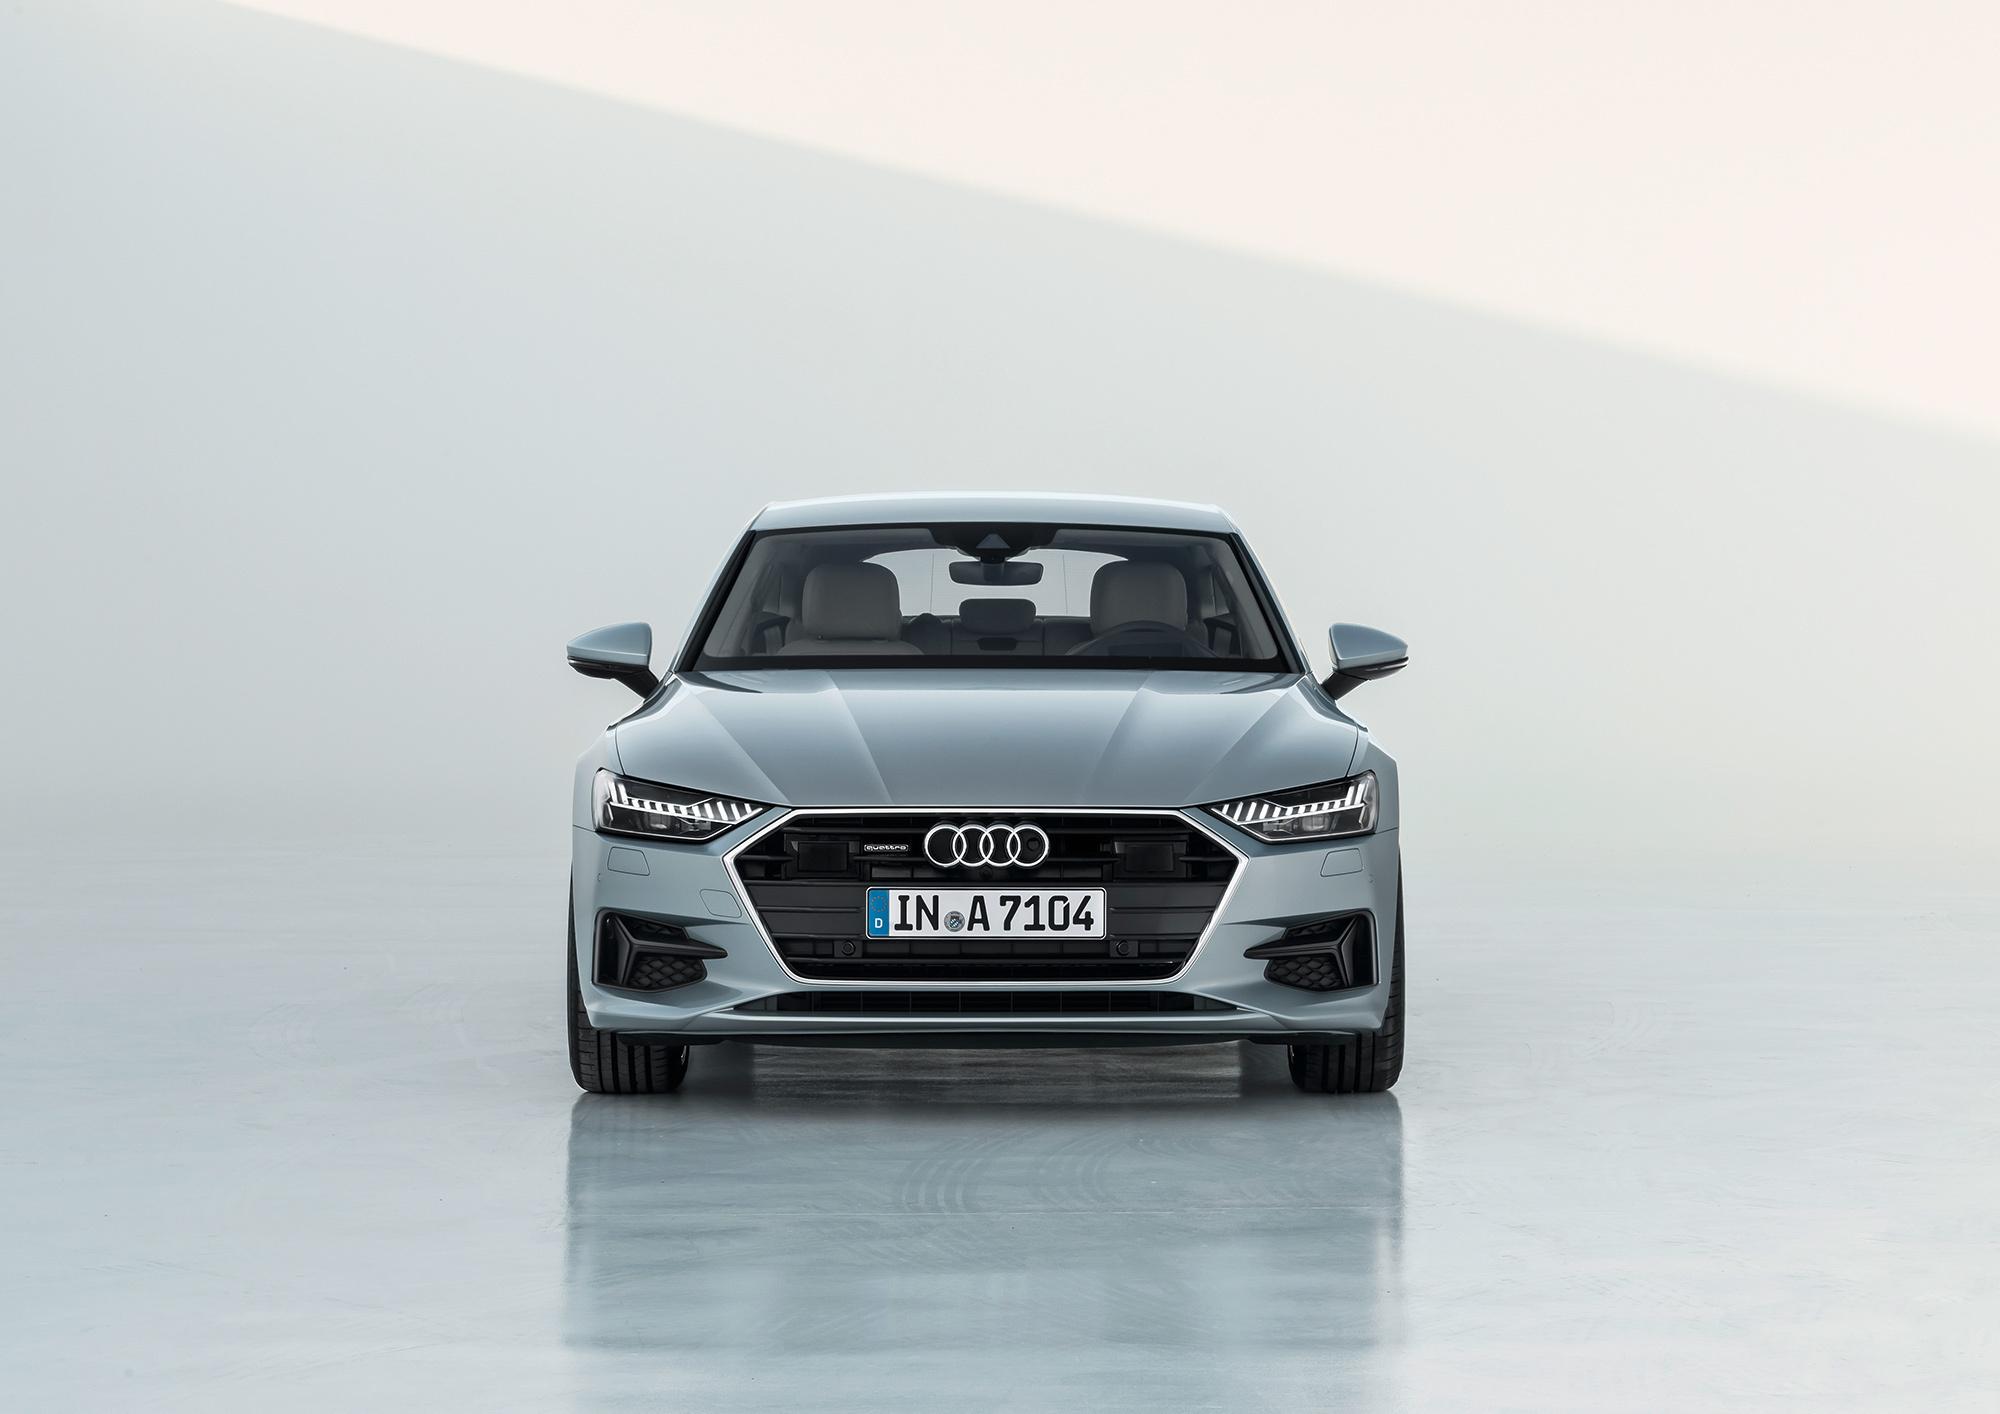 Audi A7 Sportback Computer Wallpaper